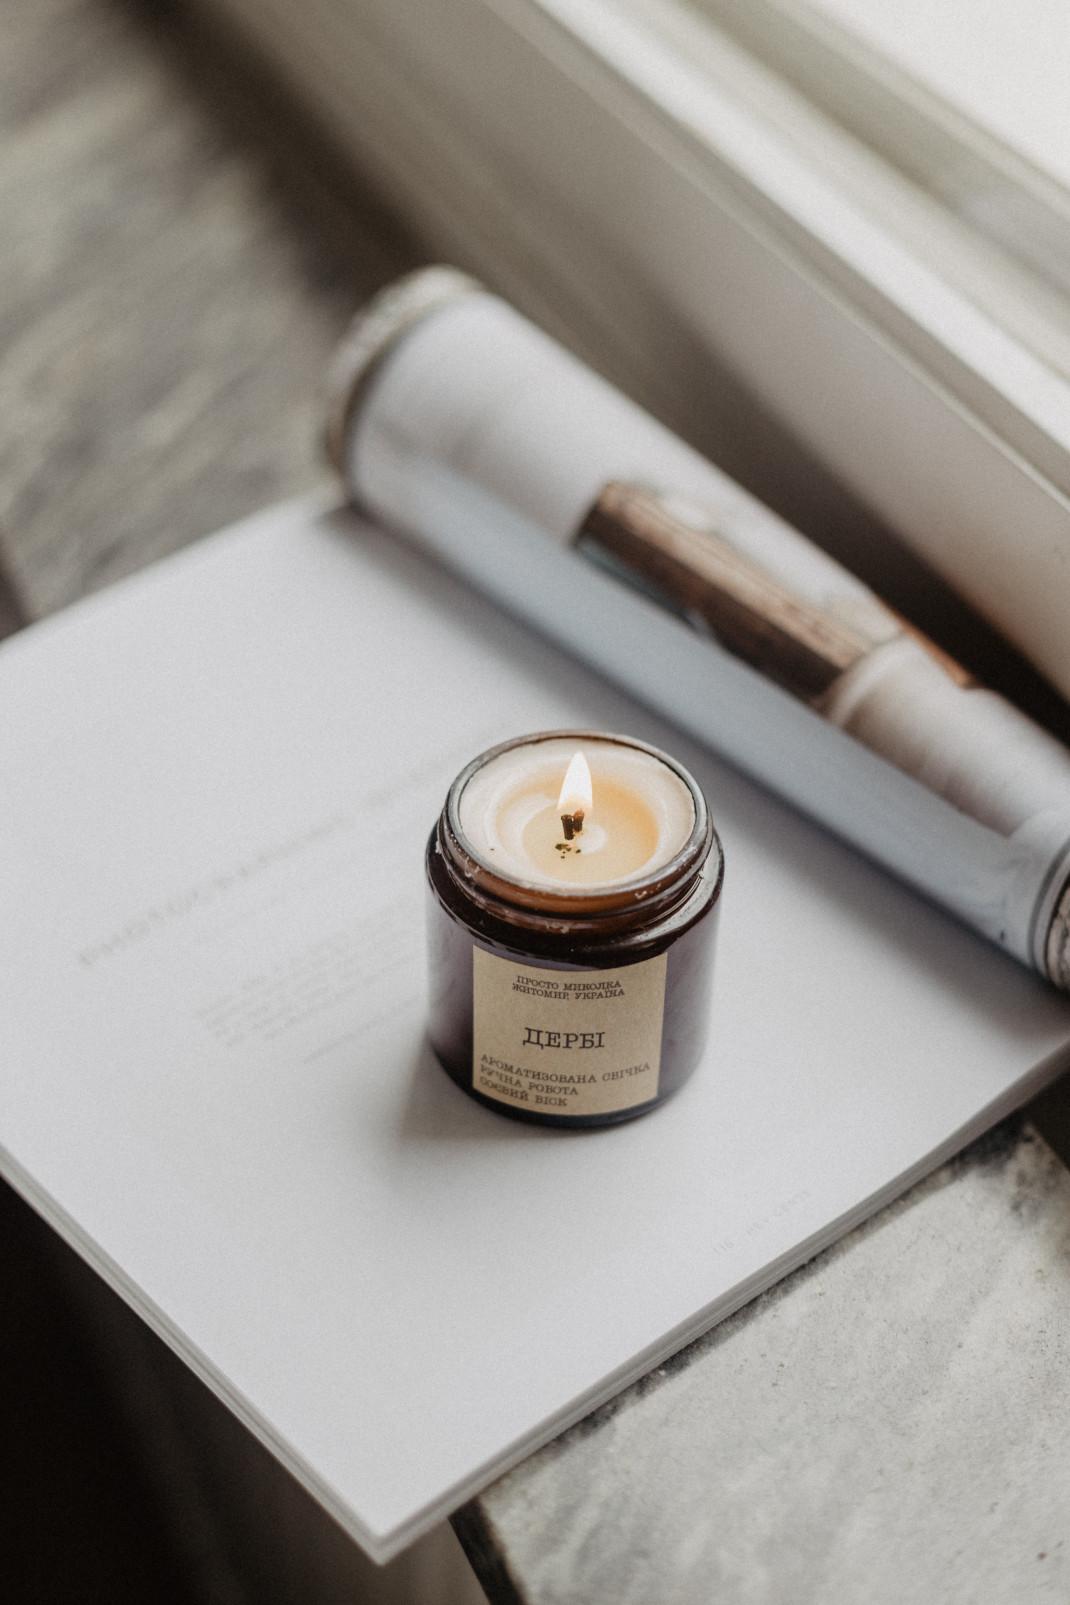 Διακοσμητικό κερί πάνω σε βιβλίο